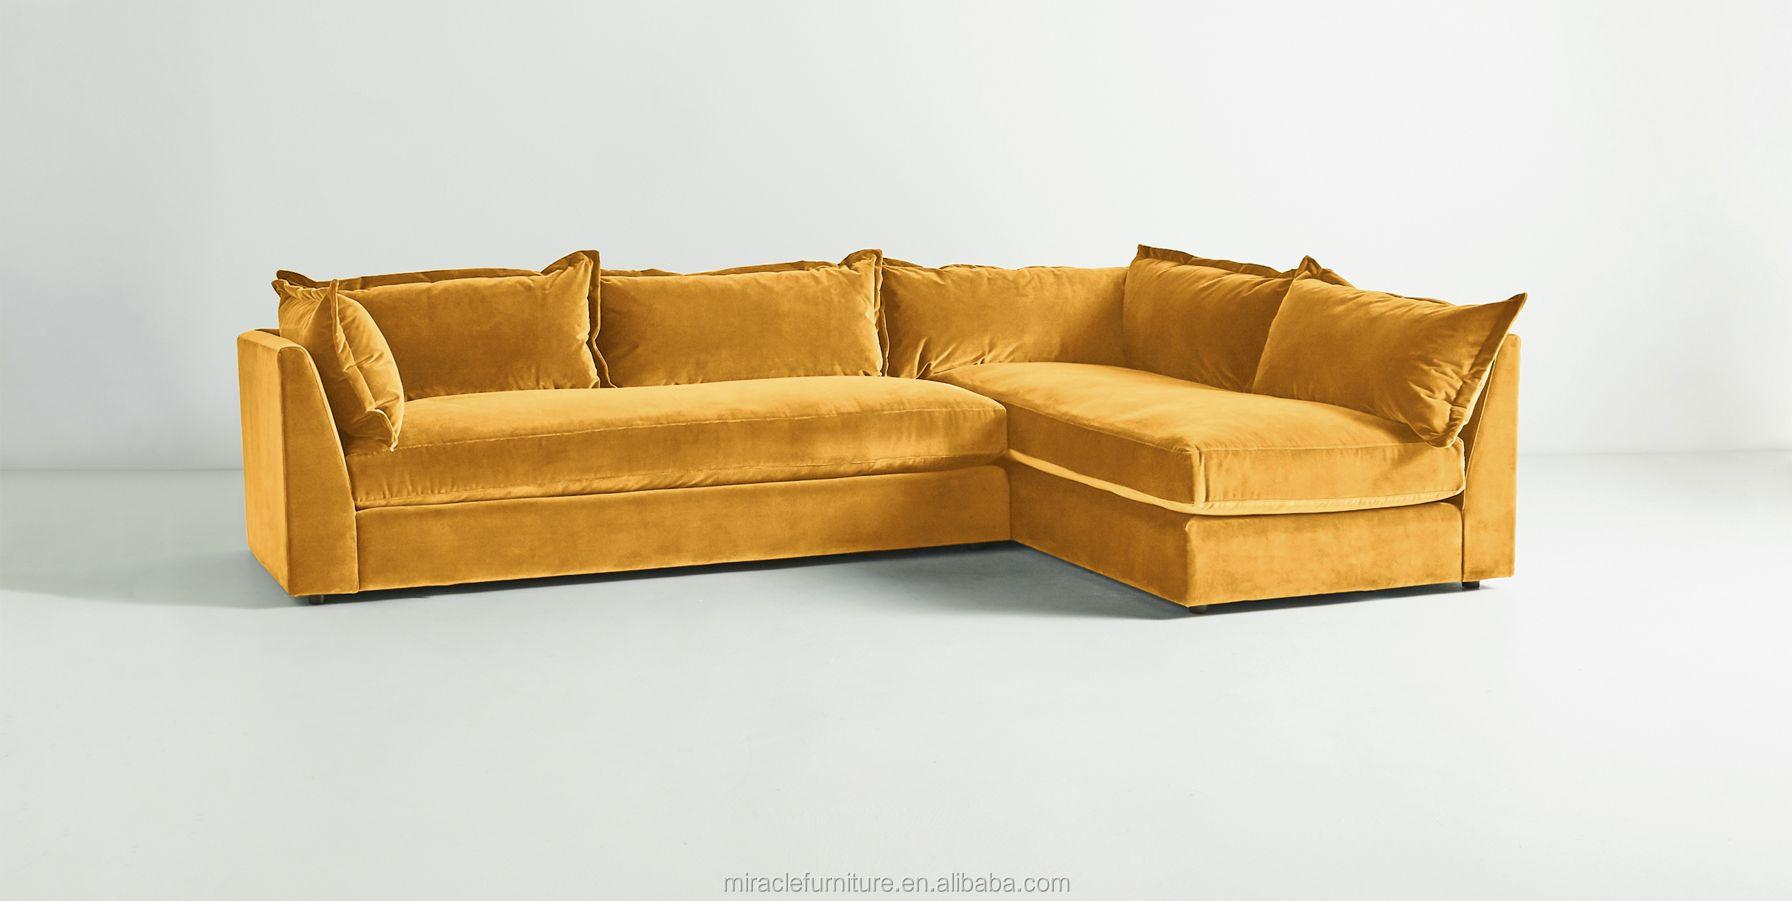 L Shaped Lleft And Right Orientation Velvet Sectional Sofa Buy Classic Sofa Modern Velvet Sofa Velvet Sofa Classic Product On Alibaba Com